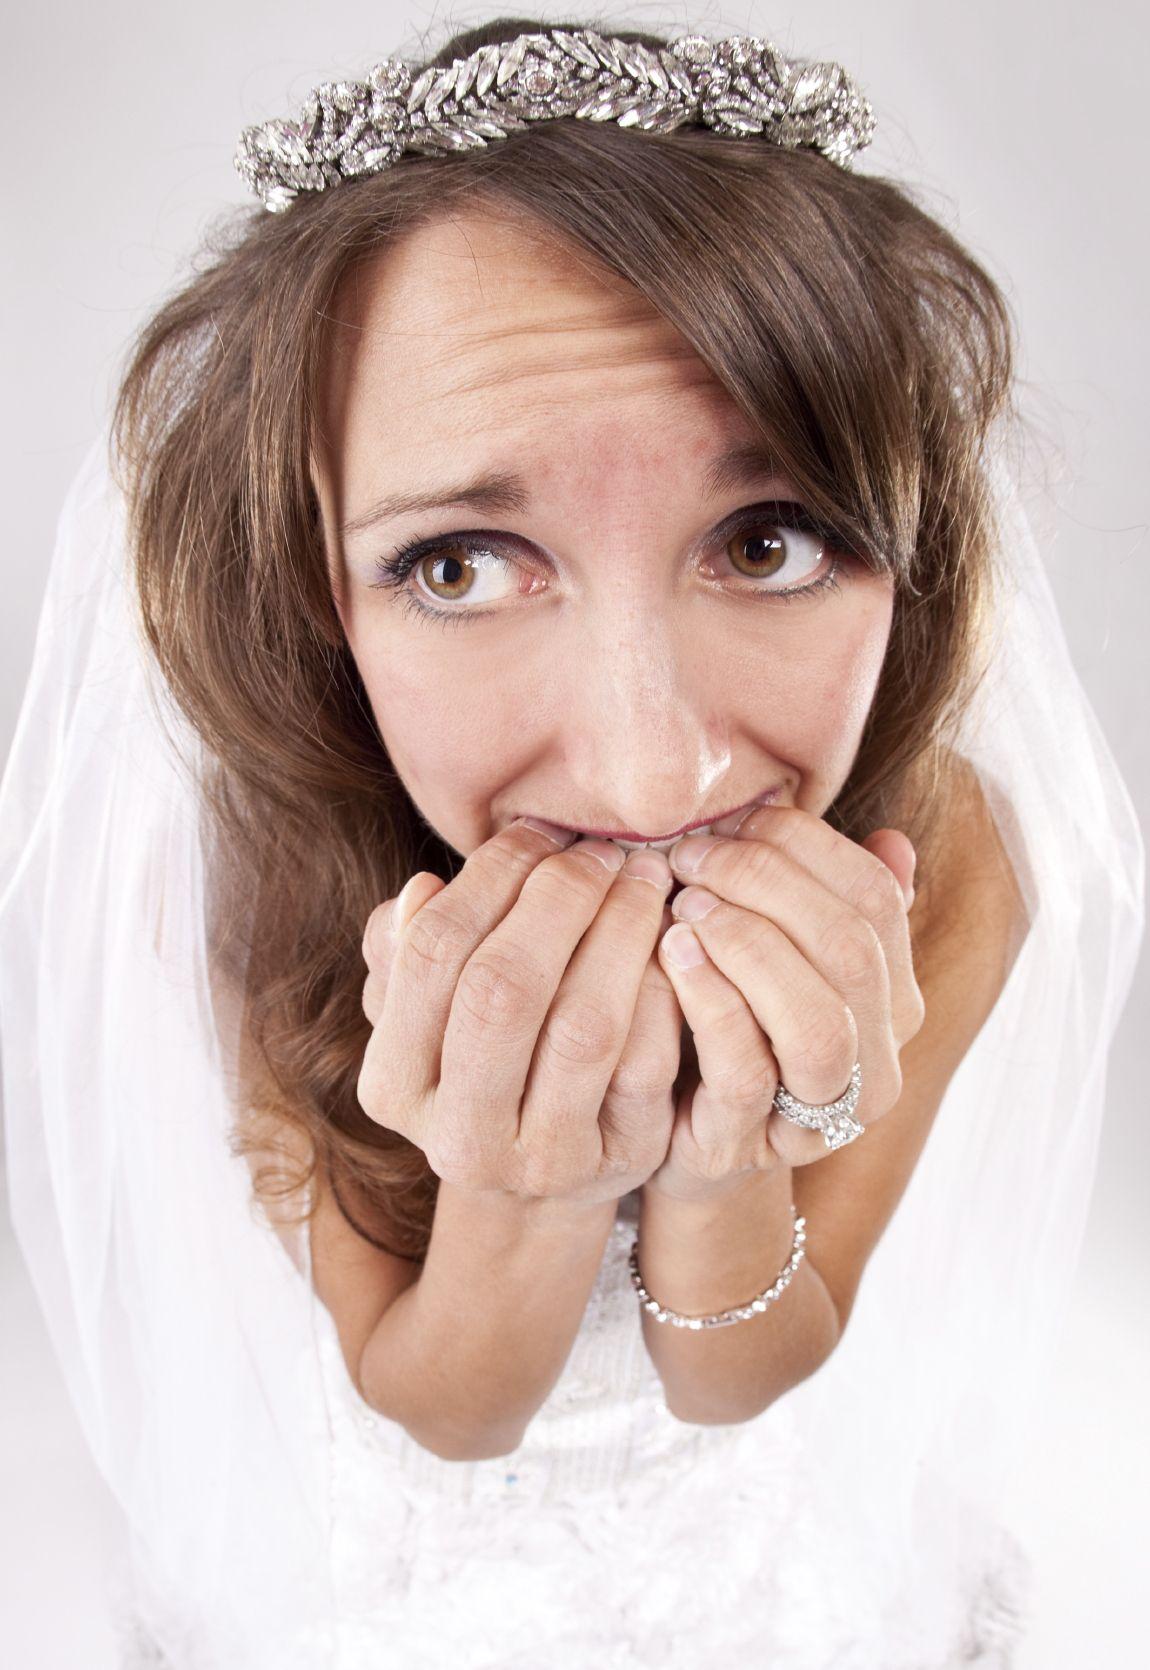 How Much Does a Wedding DJ Cost? Wedding dj, Wedding